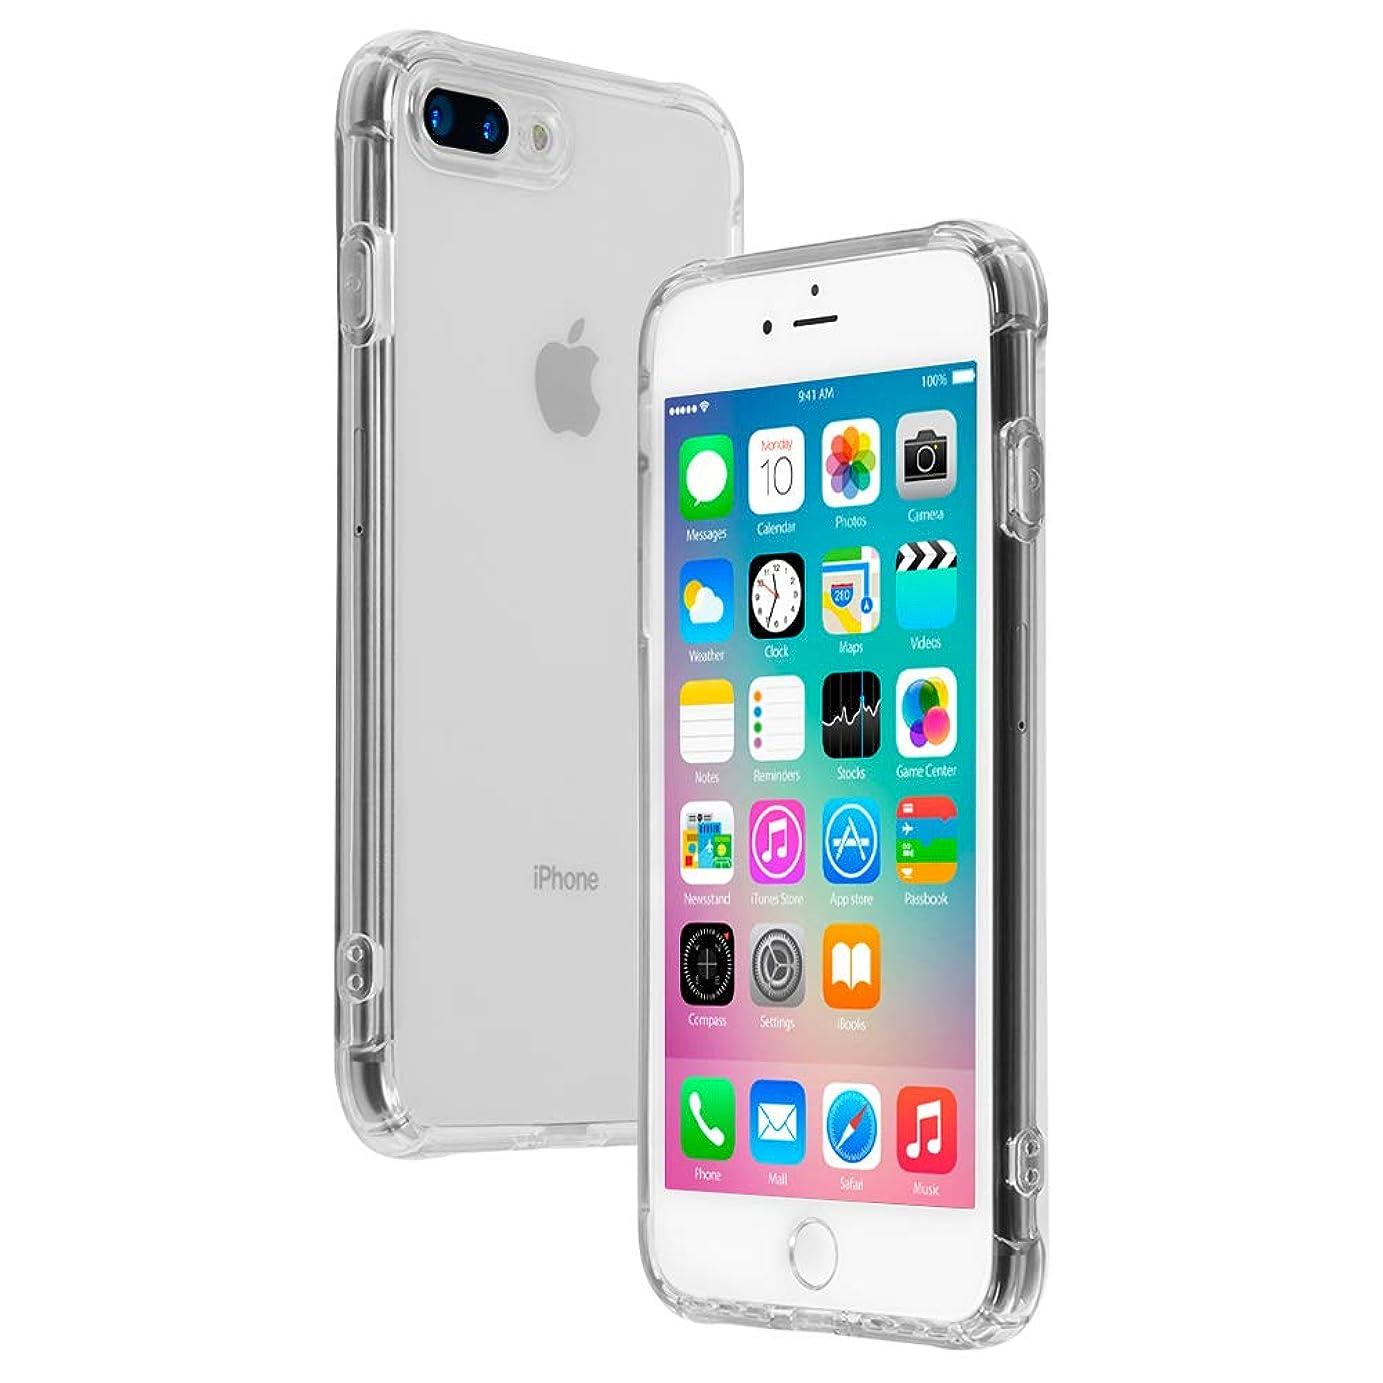 現実パン屋思いやりのある【21SPEC】 iPhone8Plus ケース [クリア シリコン 耐衝撃] [音声が前面から流れる] アイホン8プラスケース [ハード 衝撃吸収 ストラップホール付き] アイホン7プラス 透明 iPhone7Plus (iPhone7/8プラス,クリア)